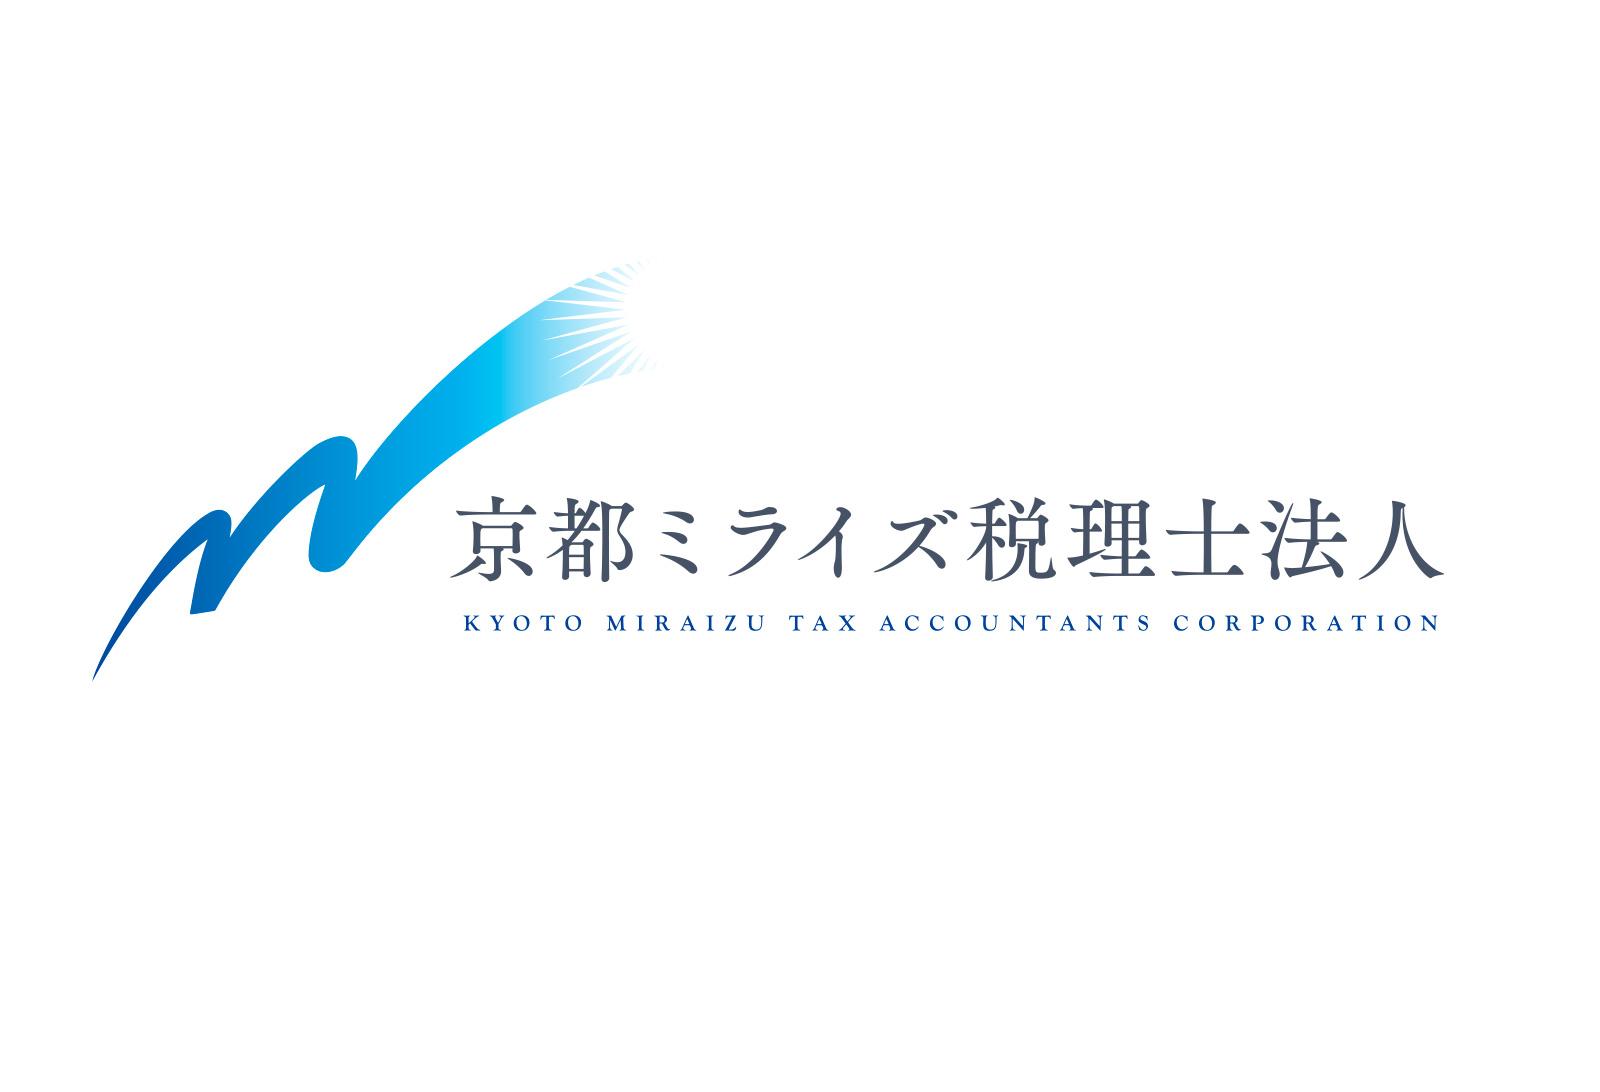 京都ミライズ税理士法人 ロゴ